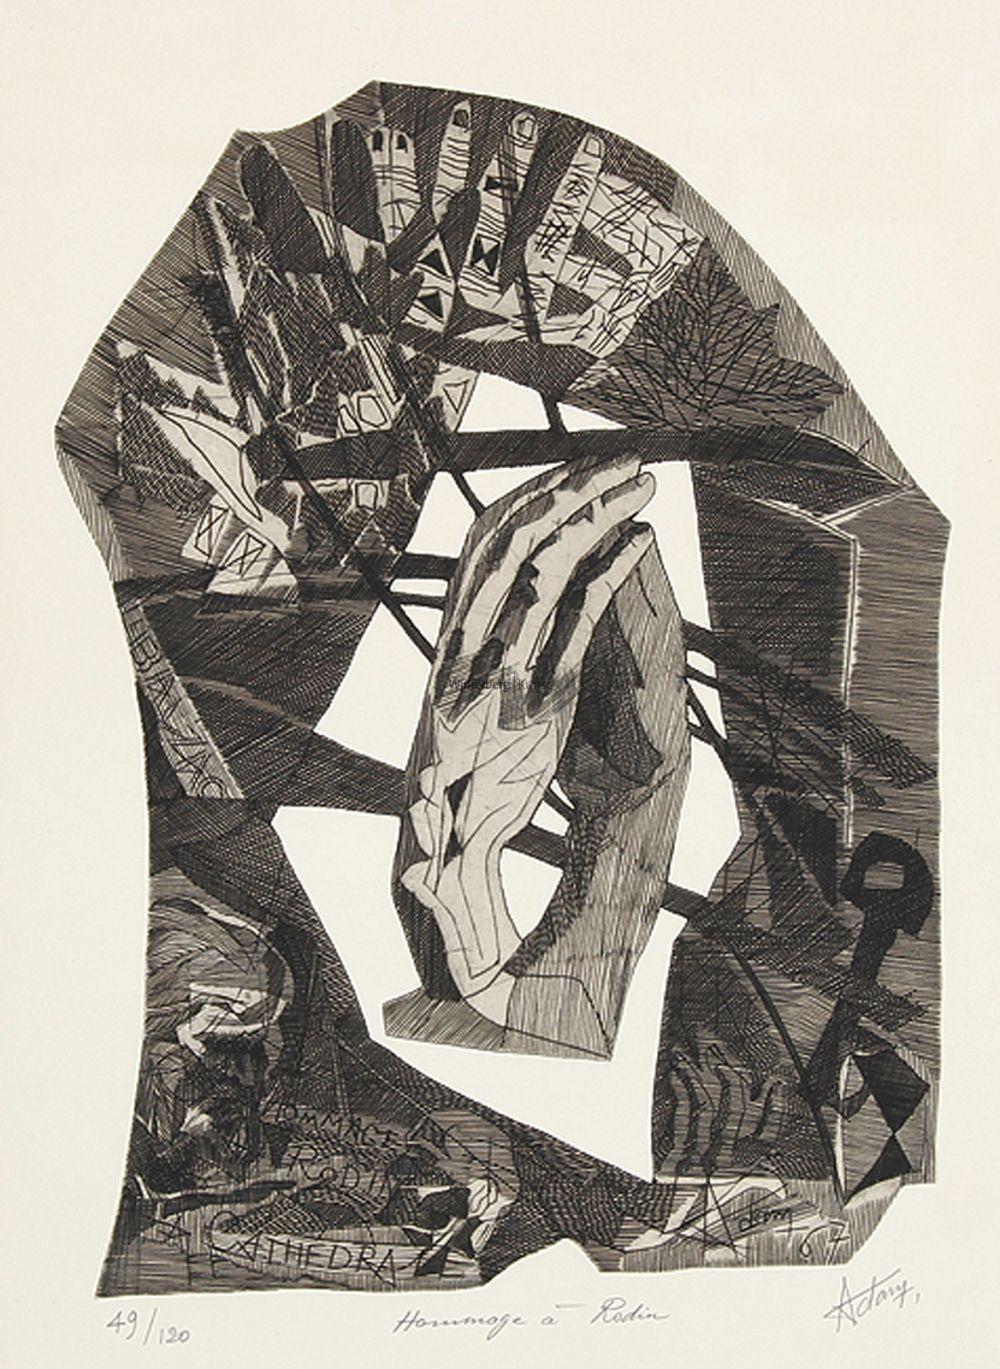 """VALERIO ADAMI Bologna 1935 - tätig in Mailand und Paris: """"Hommage à Rodin""""."""